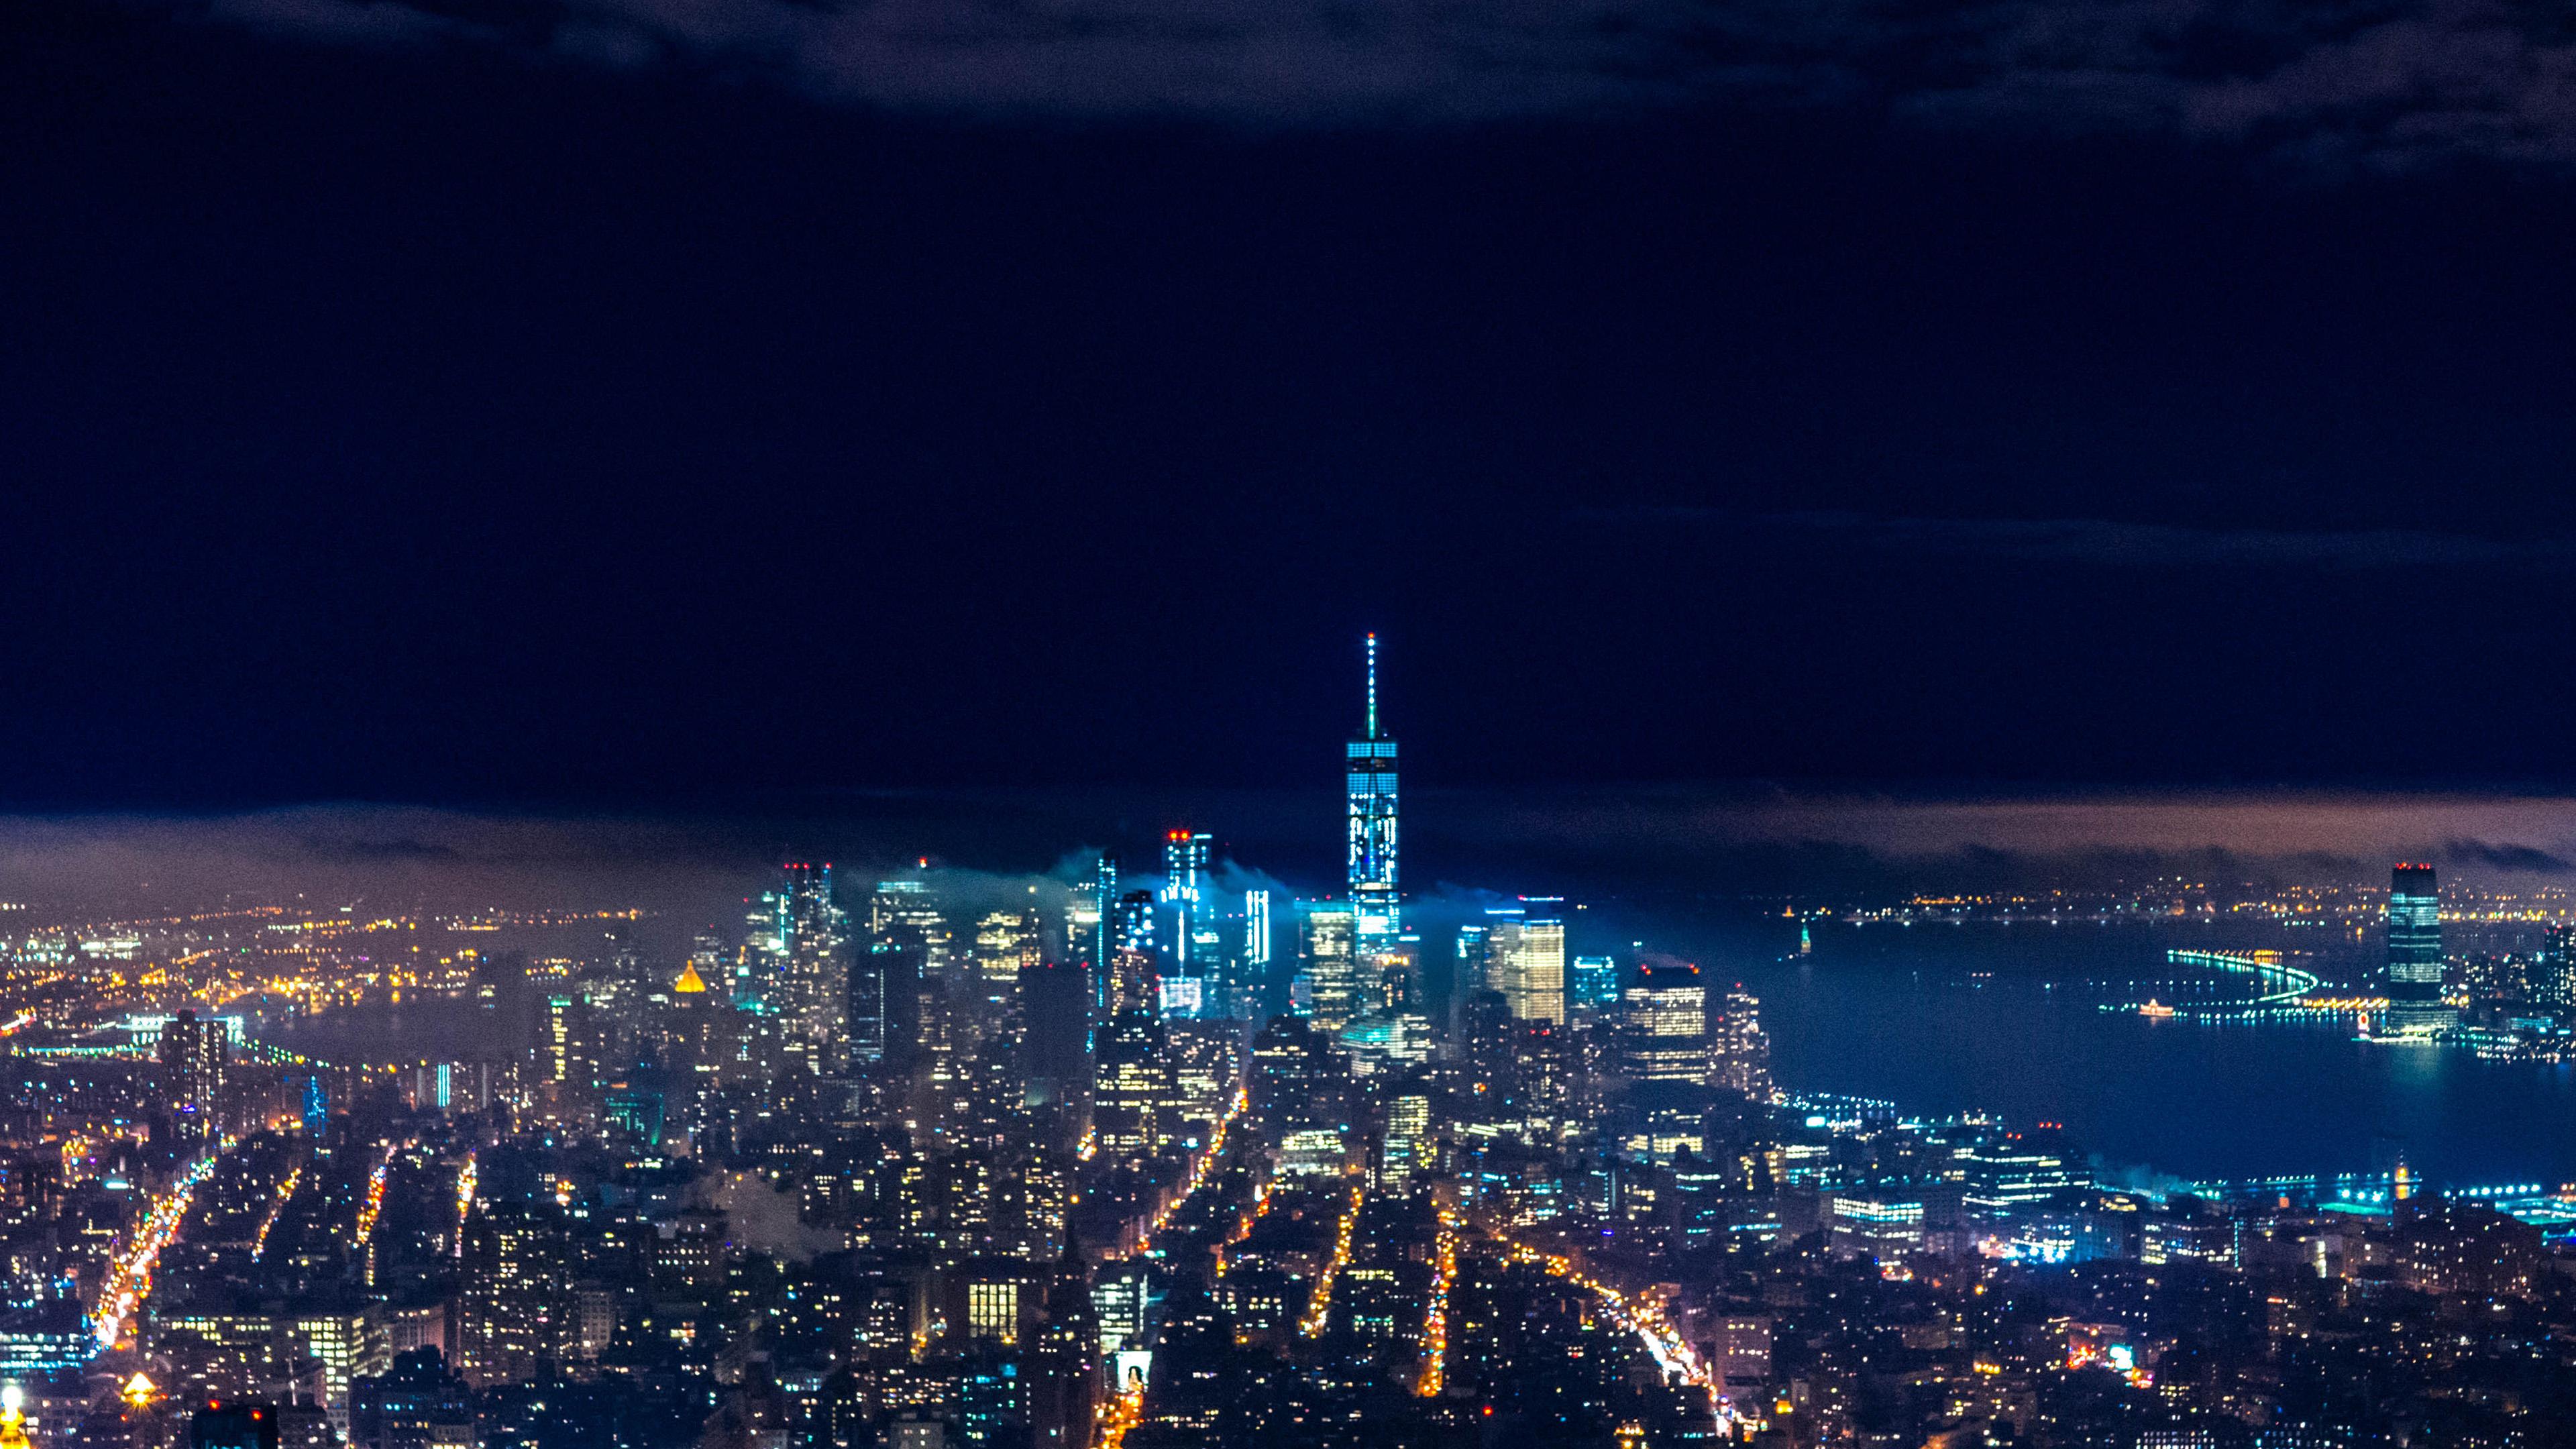 Nx53 City Night Skyline Dark Nature Wallpaper